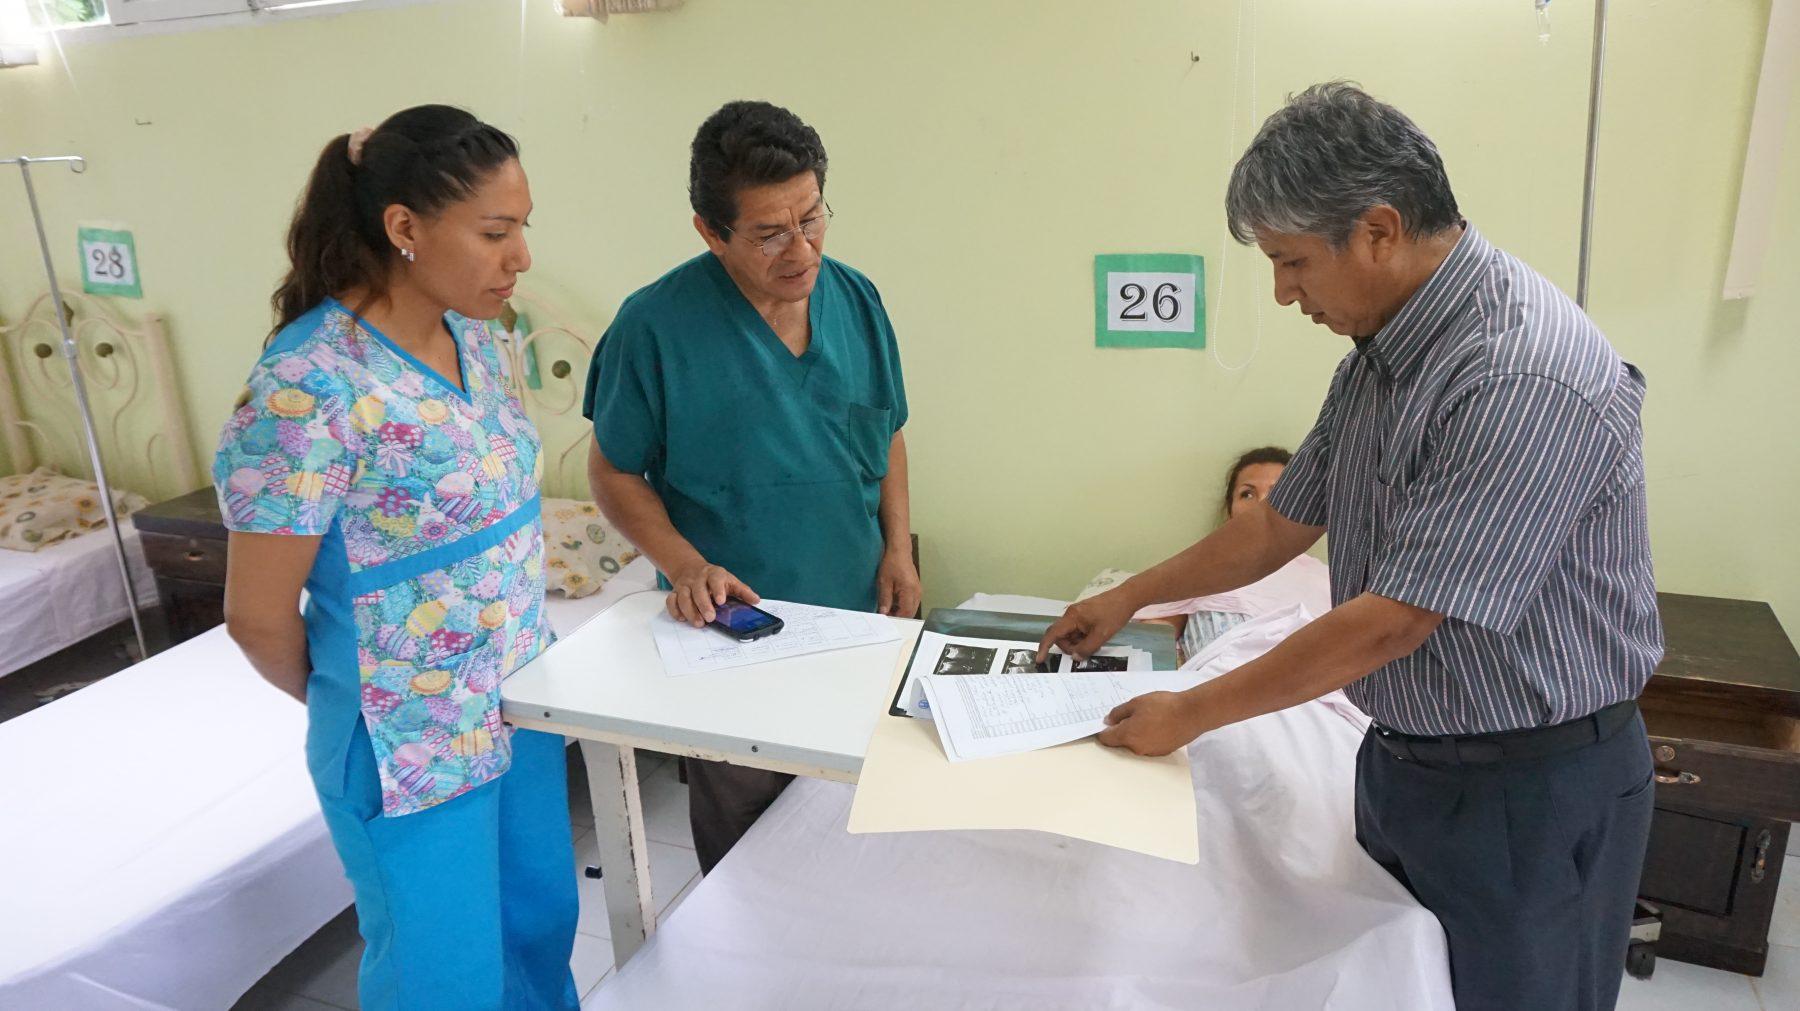 Doctors discuss the patient's chart